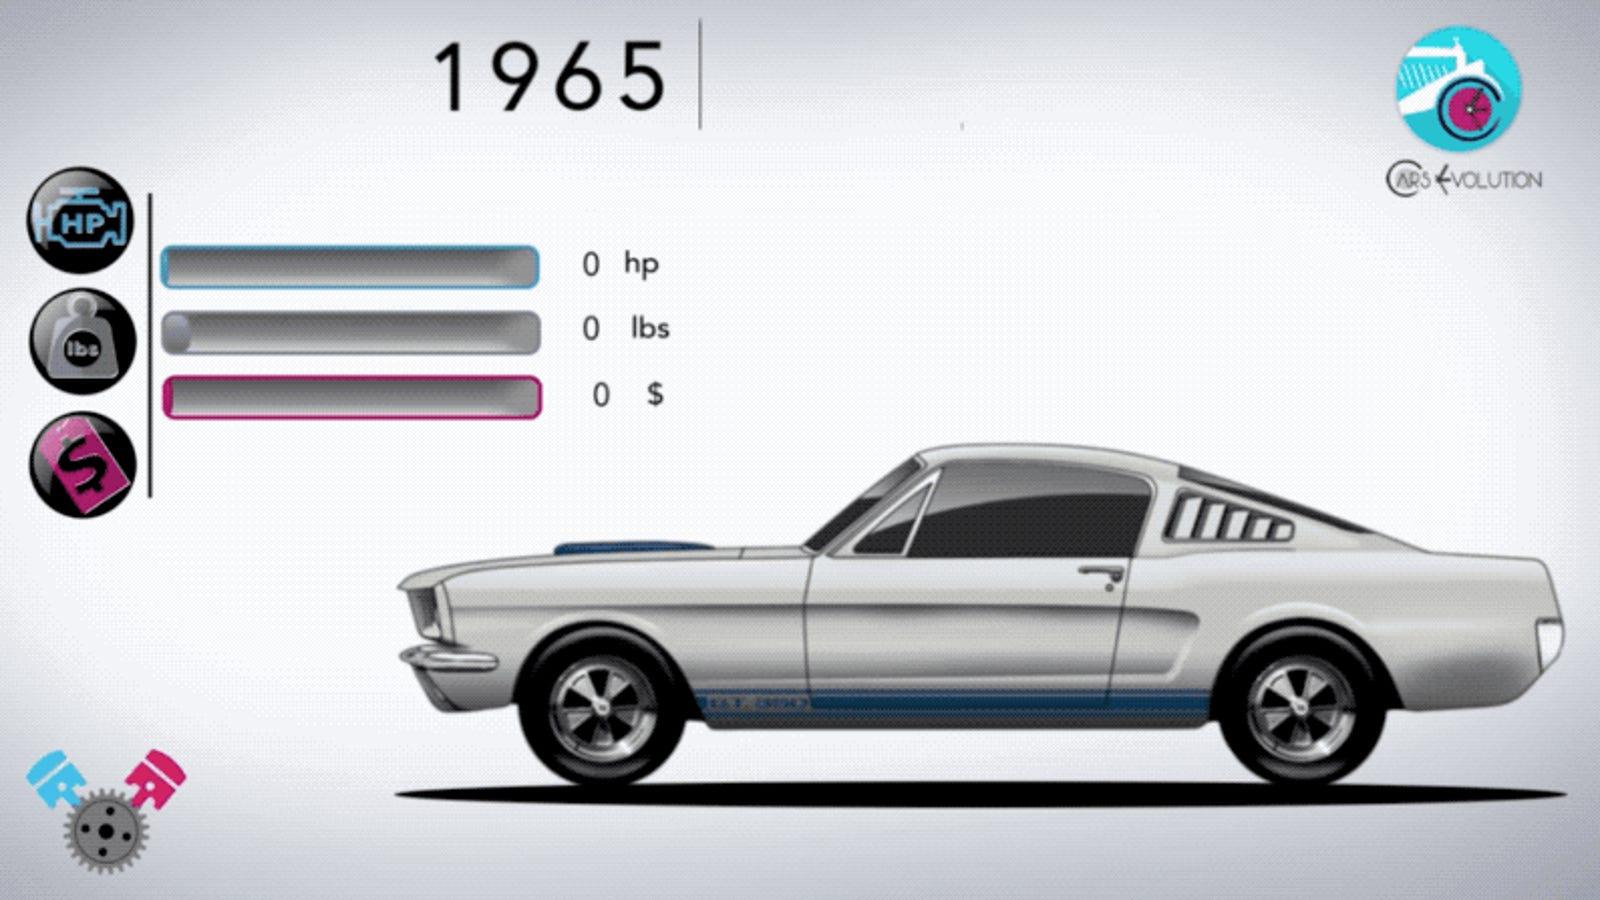 La evolución del Ford Mustang en más de 50 años, resumida en un vídeo de 5 minutos